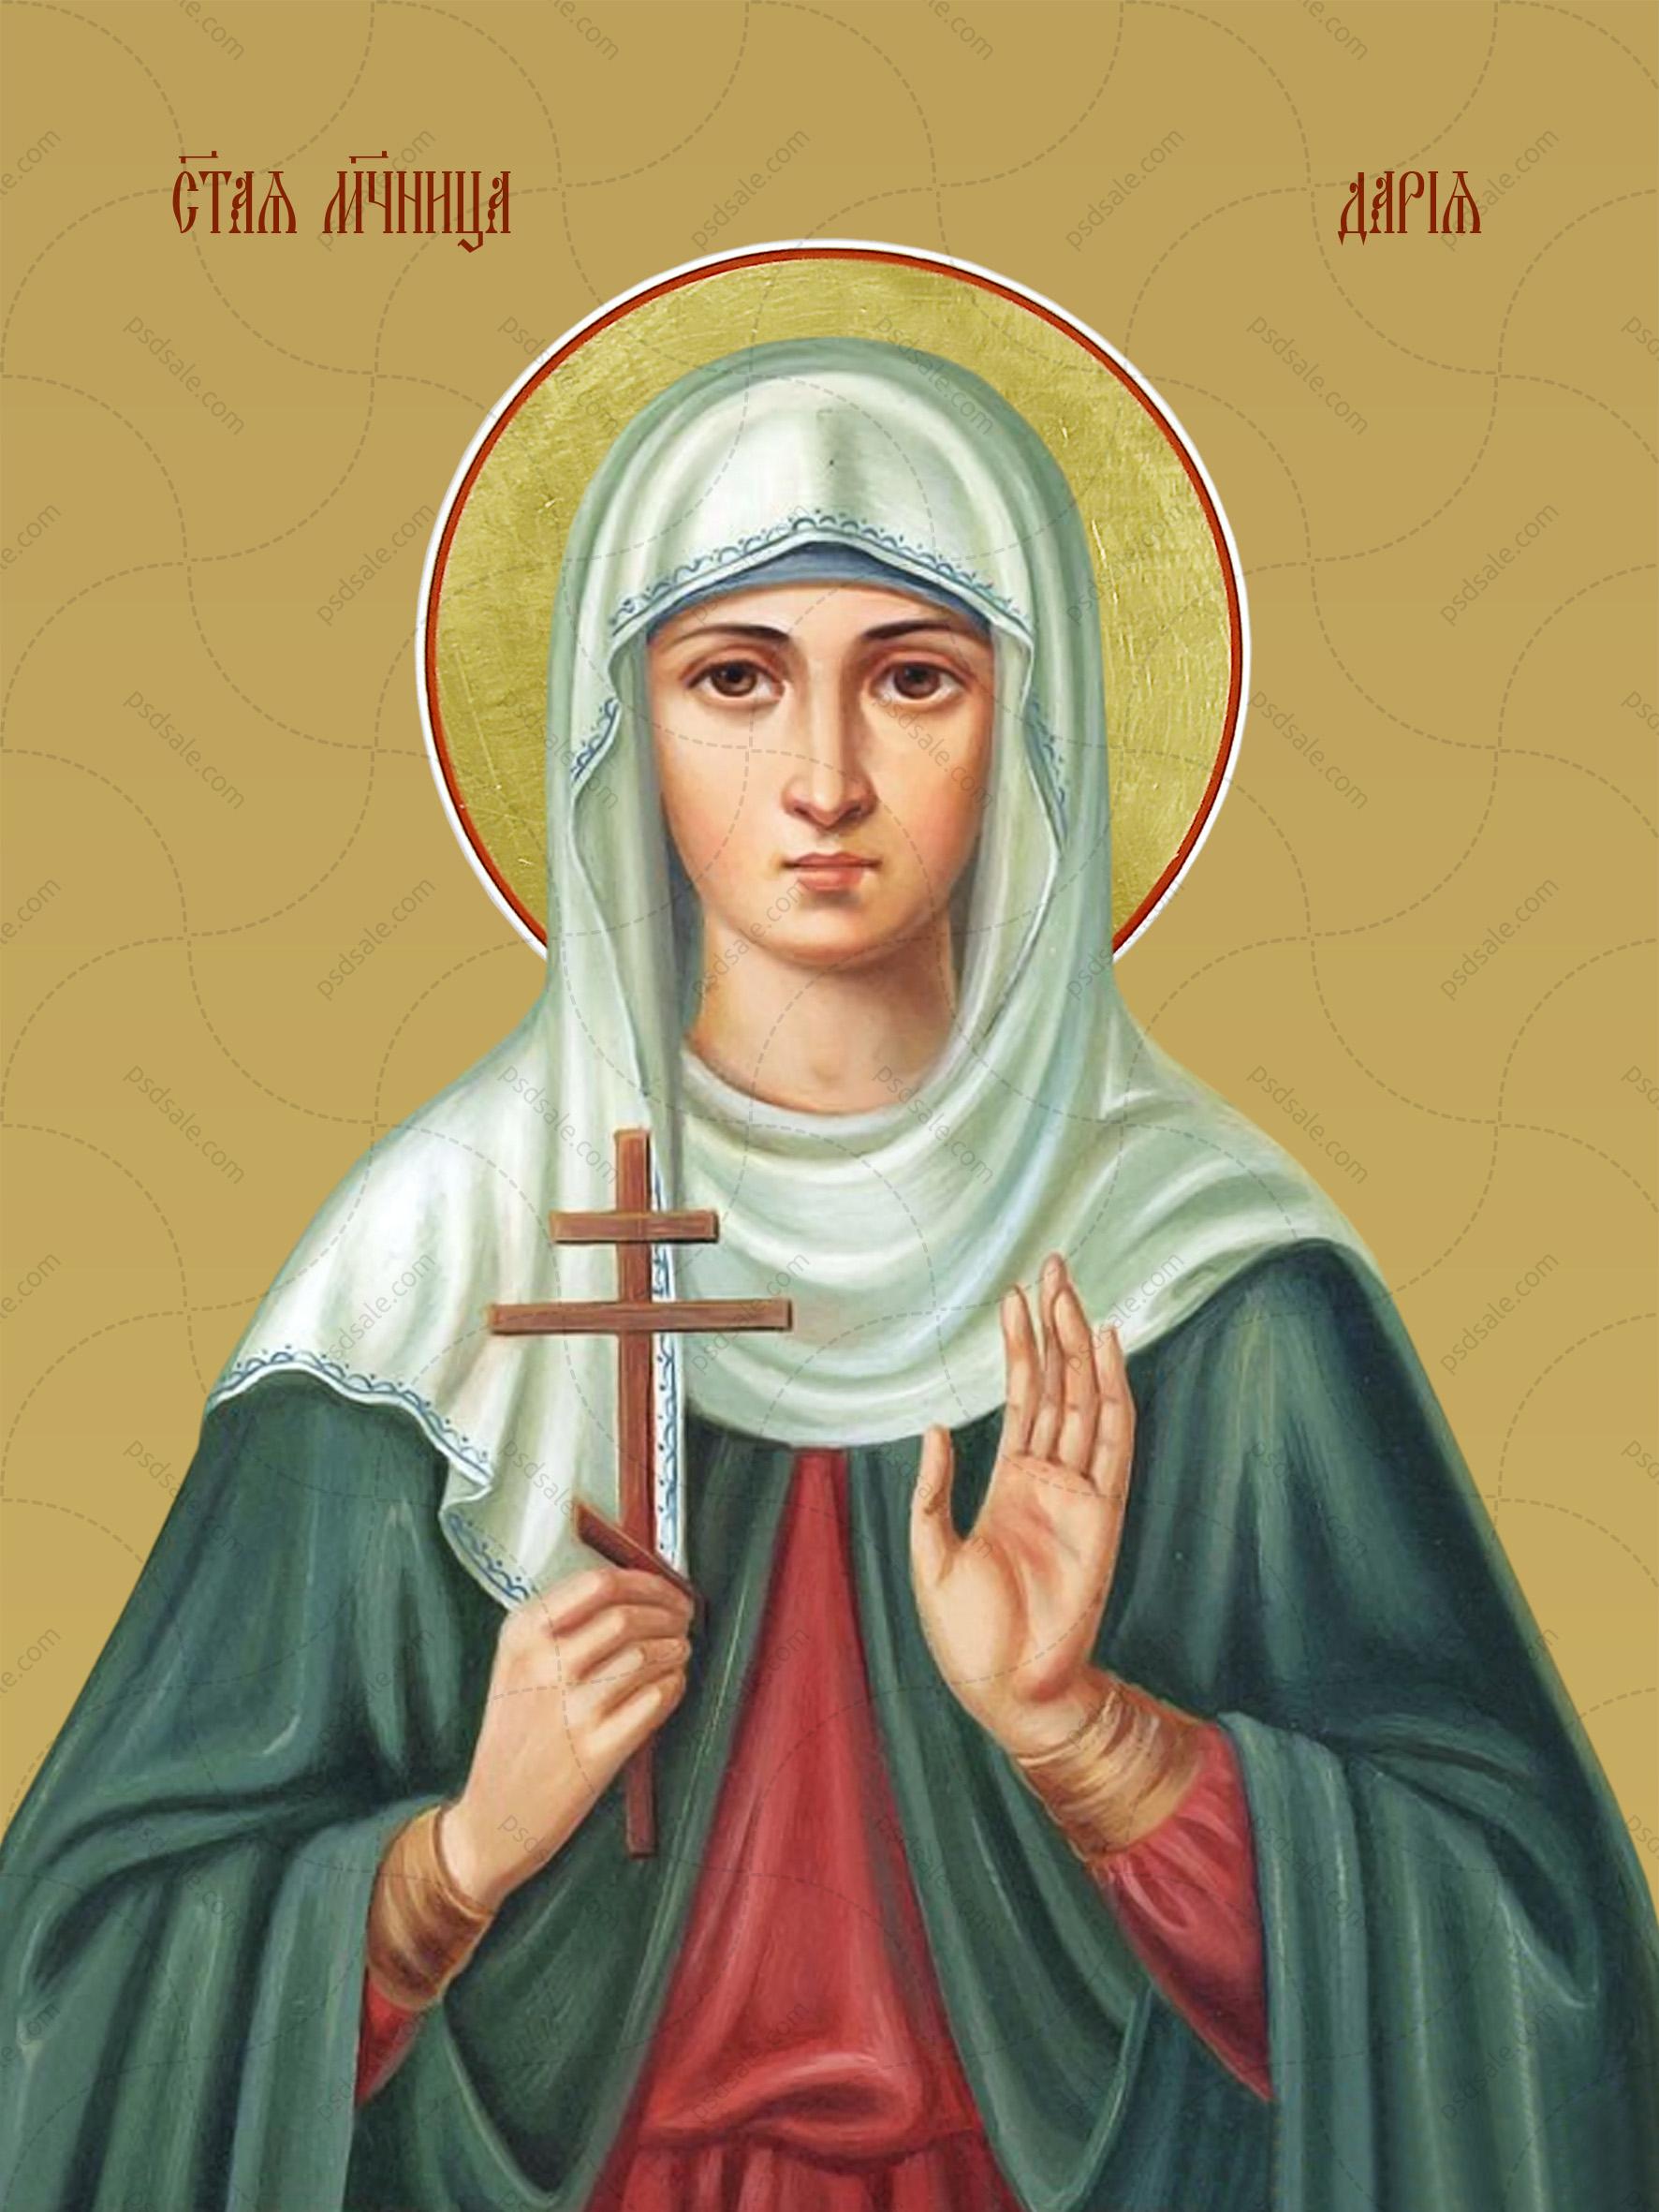 Дарья Римская, мученица